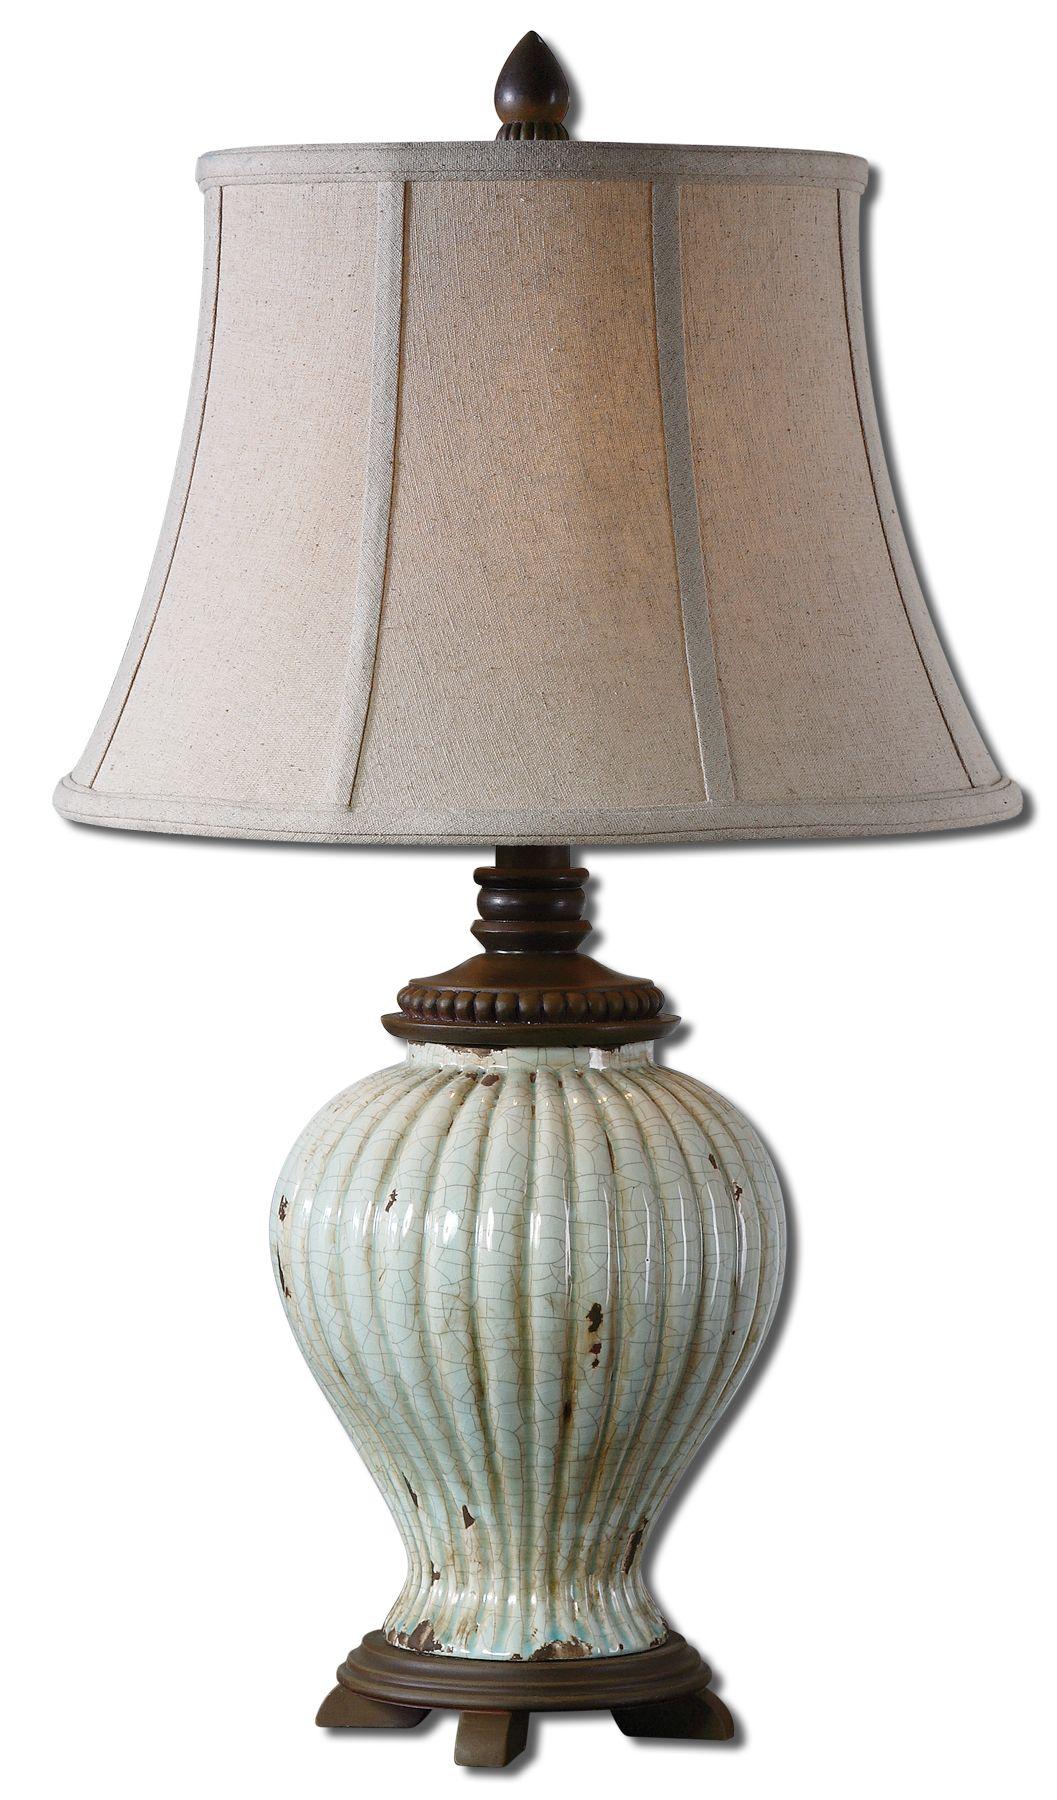 uttermost 27477 dernice aged ceramic table lamp. Black Bedroom Furniture Sets. Home Design Ideas